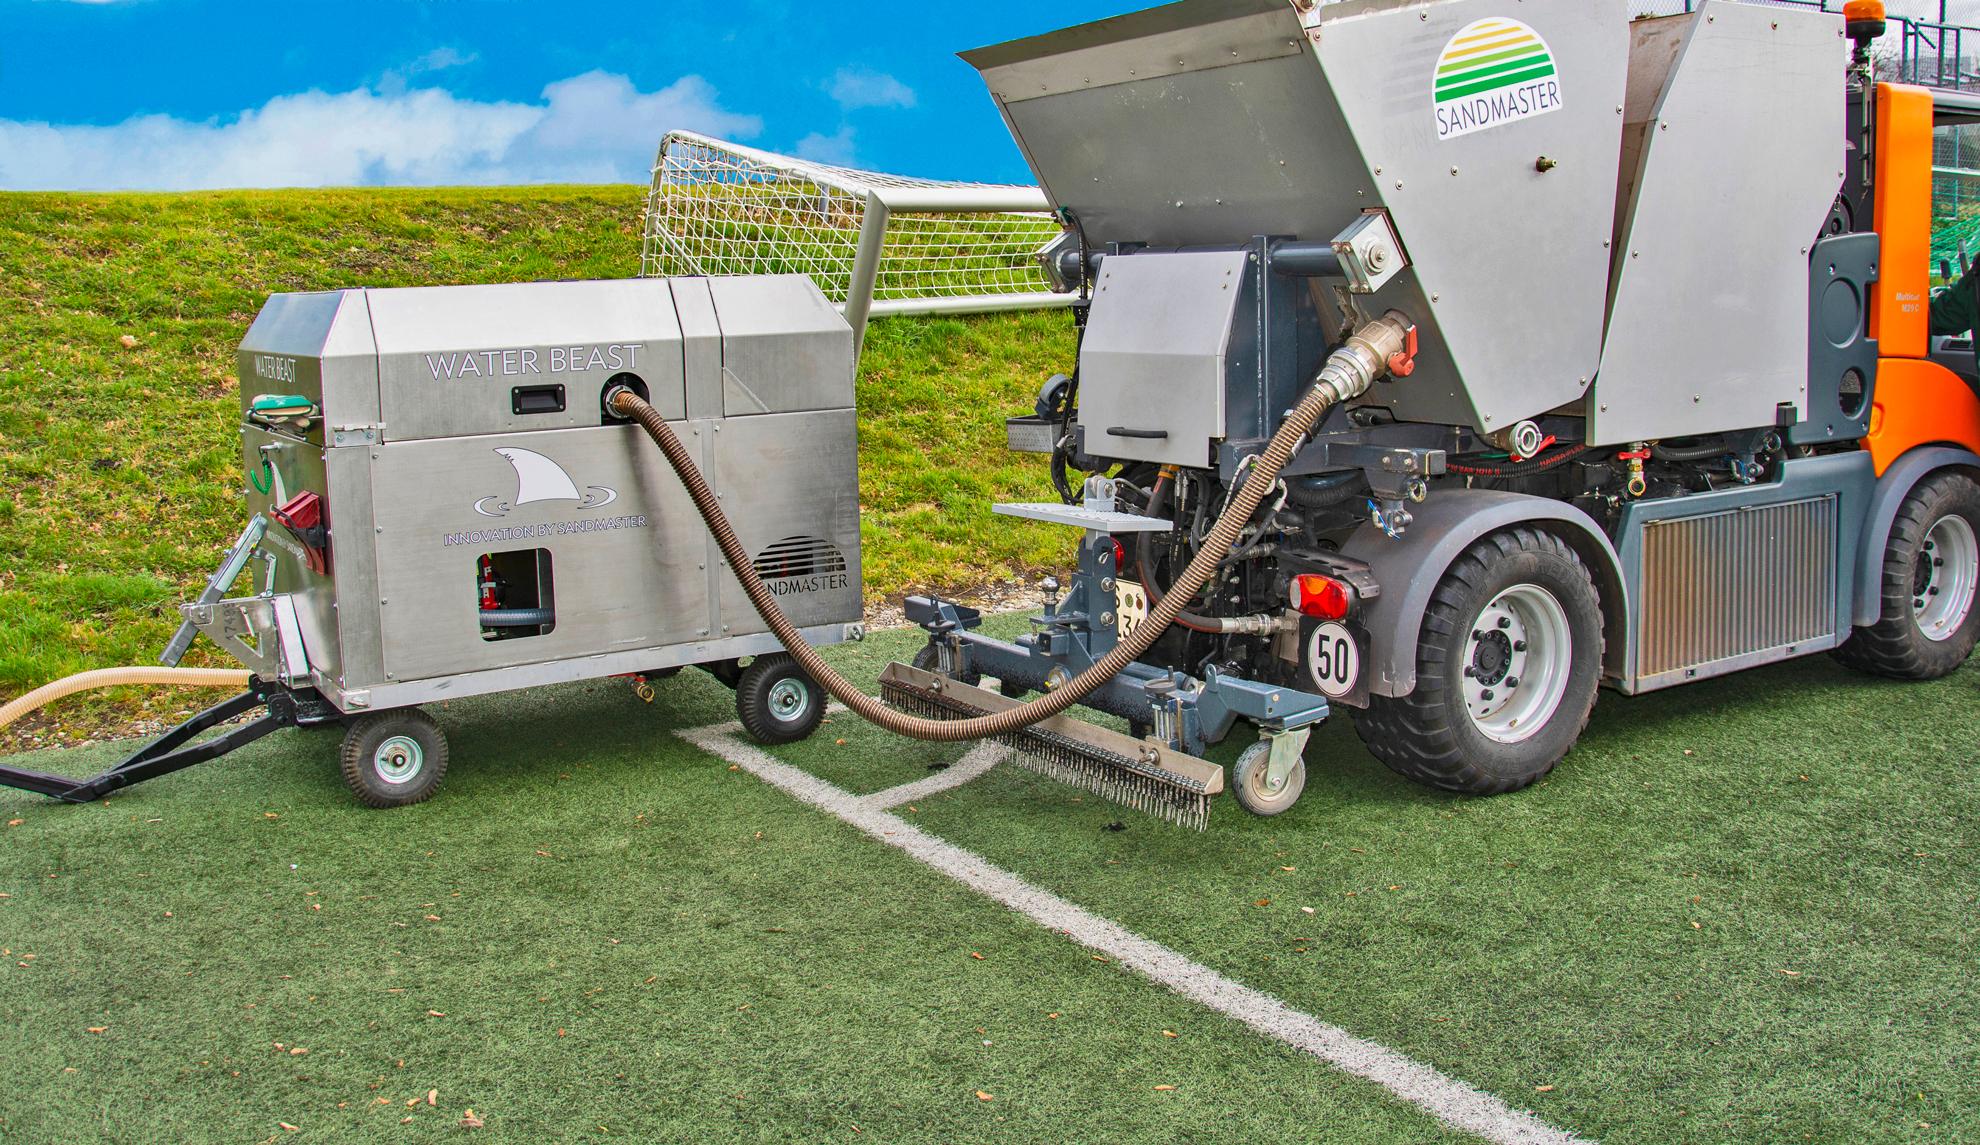 Sandmaster präsentiert nachhaltiges Wasserfiltersystem